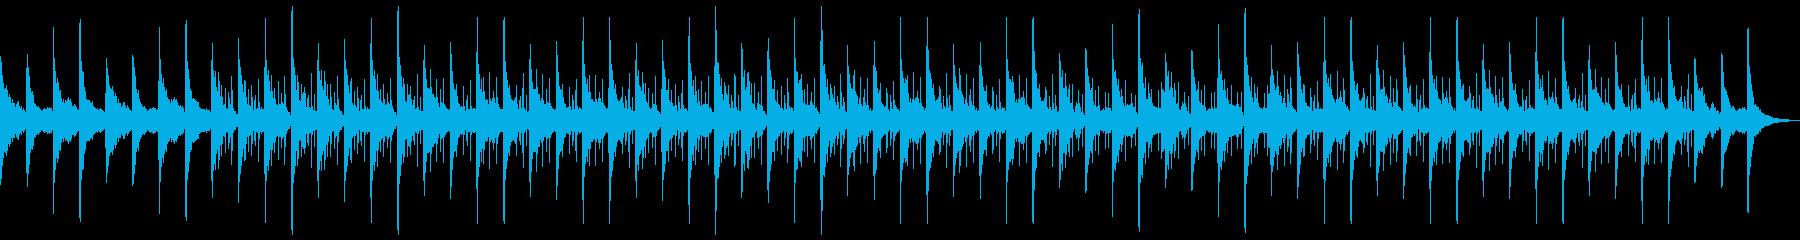 神秘的で優しいローファイヒップホップの再生済みの波形